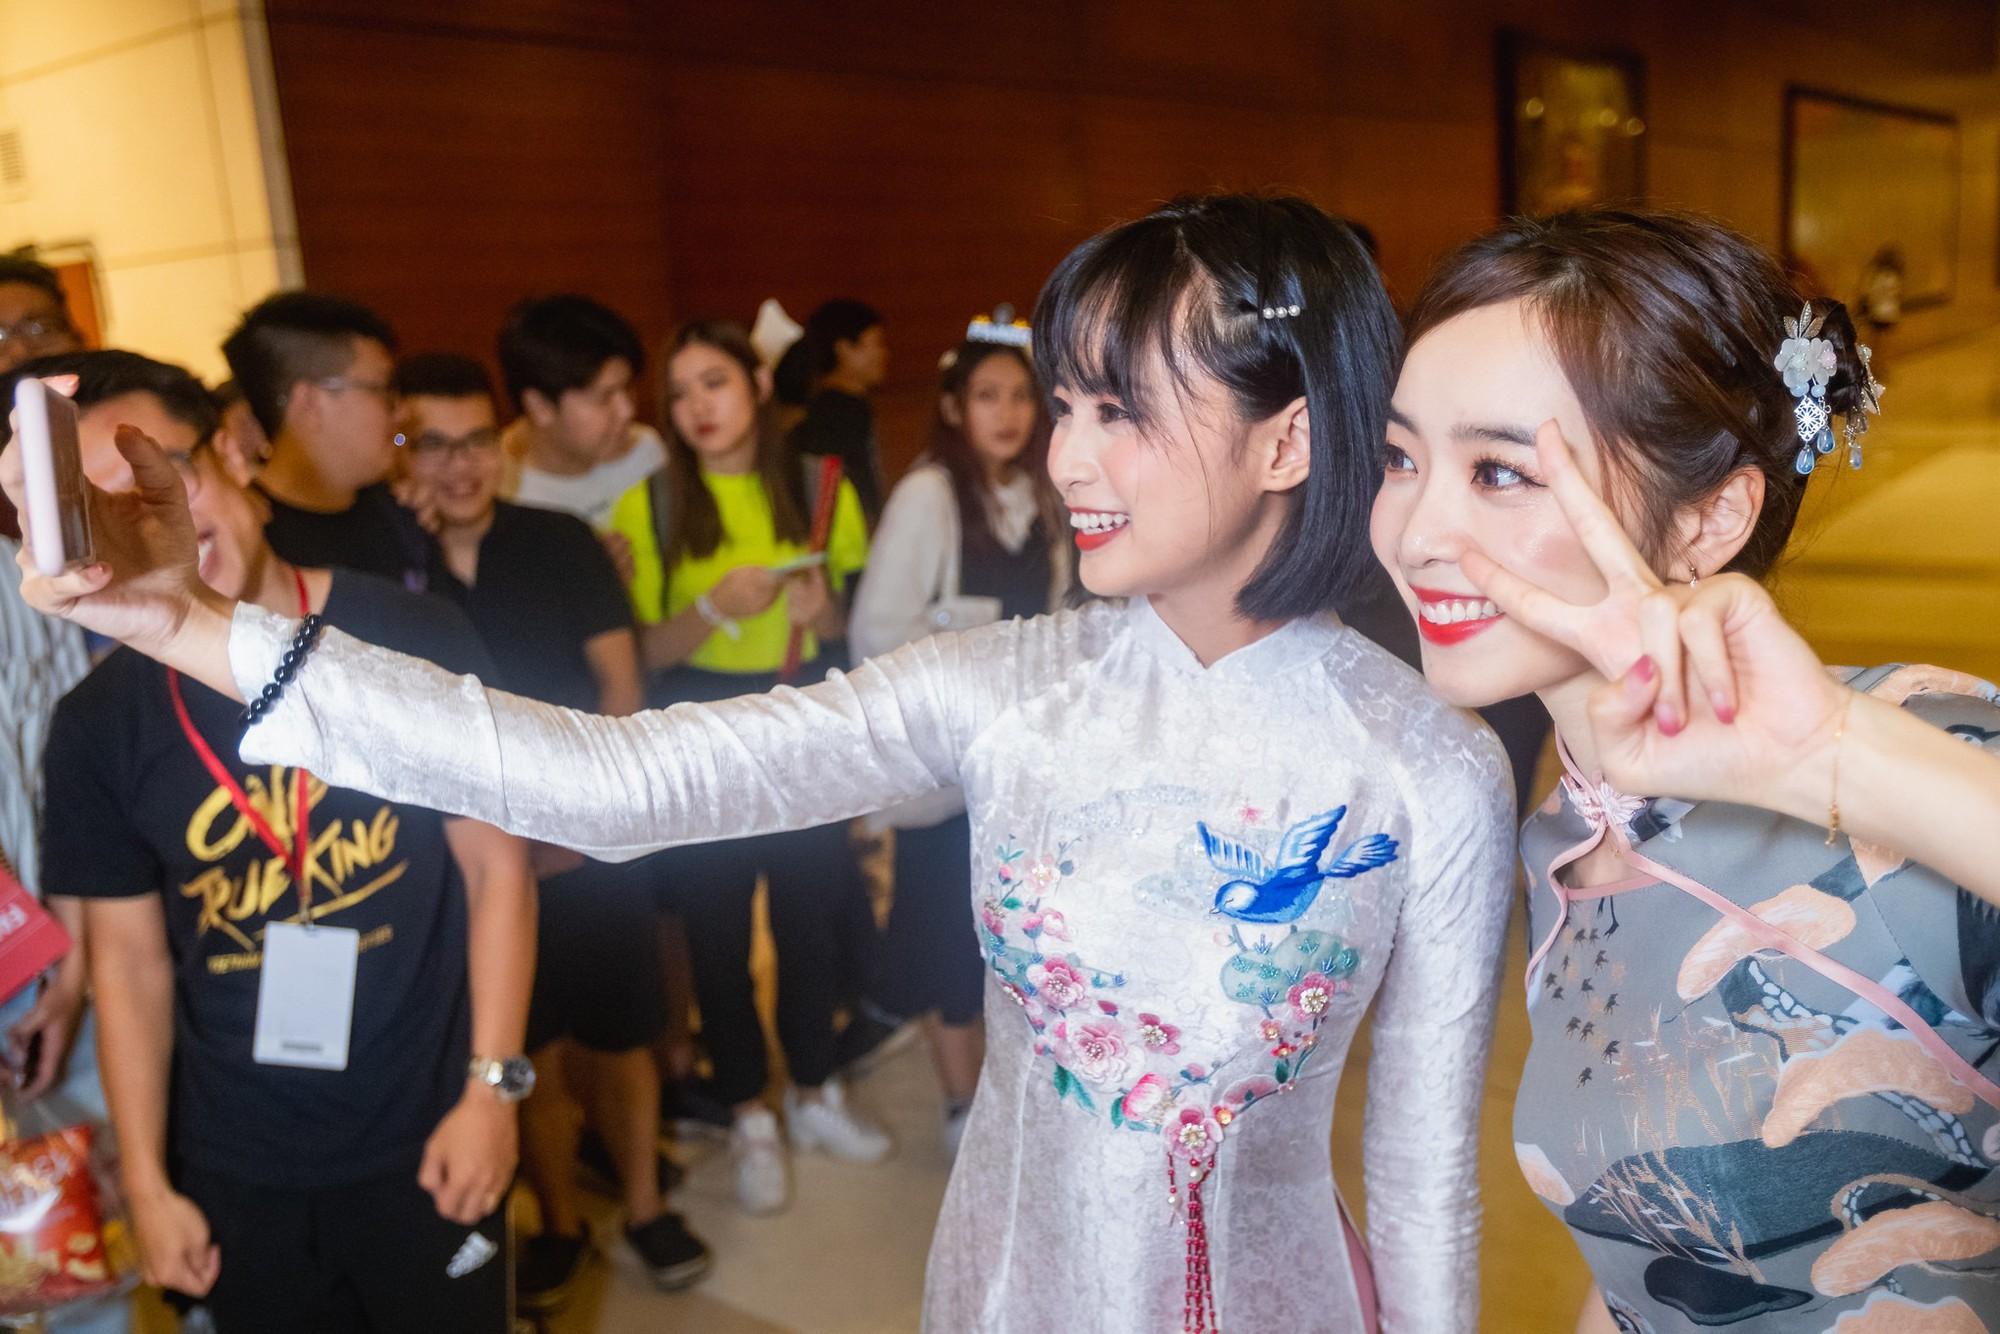 Vận tà áo dài thướt tha, hot MC của làng Liên Minh Huyền Thoại Việt Nam đẹp rạng ngời trong mắt phóng viên nước ngoài - Ảnh 7.